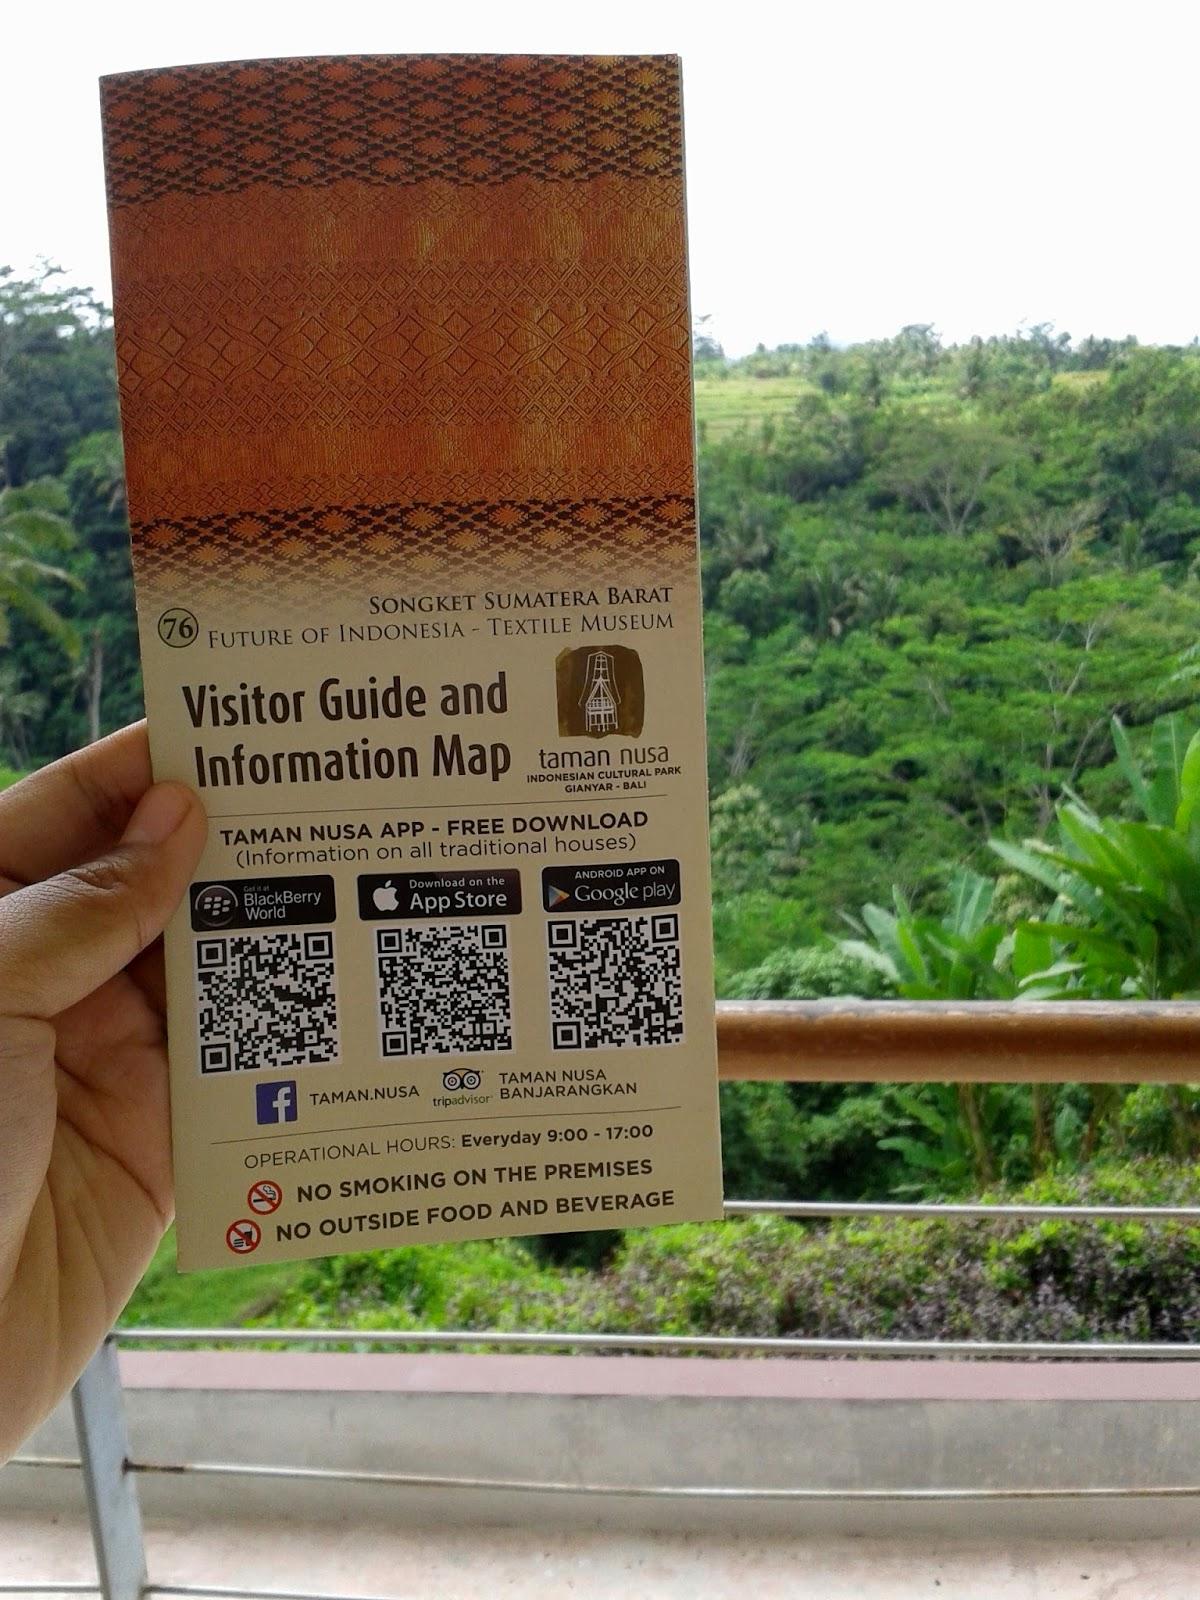 Blogodok Blegedek Keliling Indonesia Taman Nusa Gianyar Visitor Guide Information